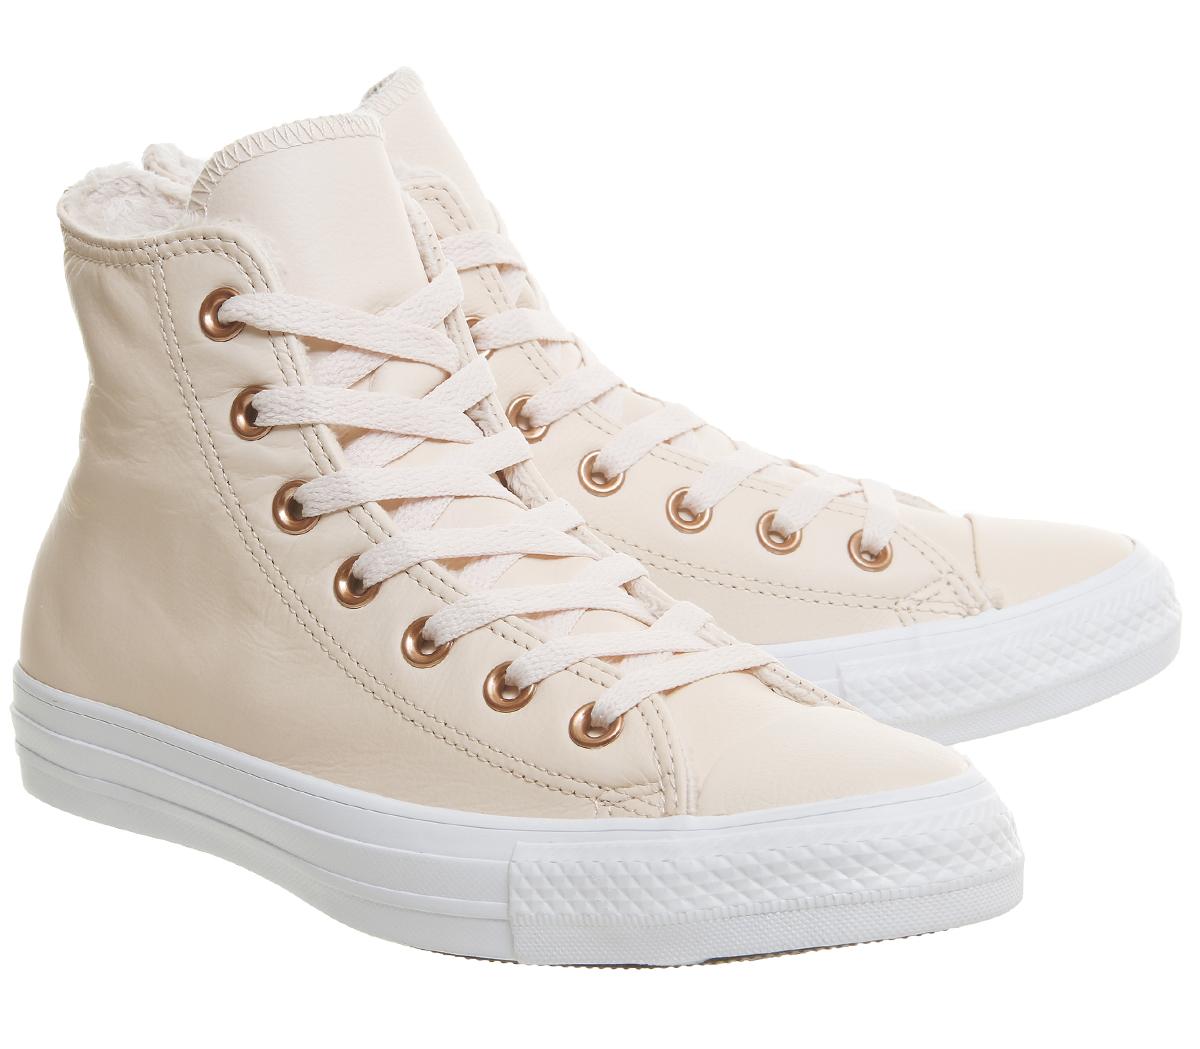 the best attitude ea47d e89fc ... spain chaussures femme converse all star hi cuir pastel a21b8 d64a8